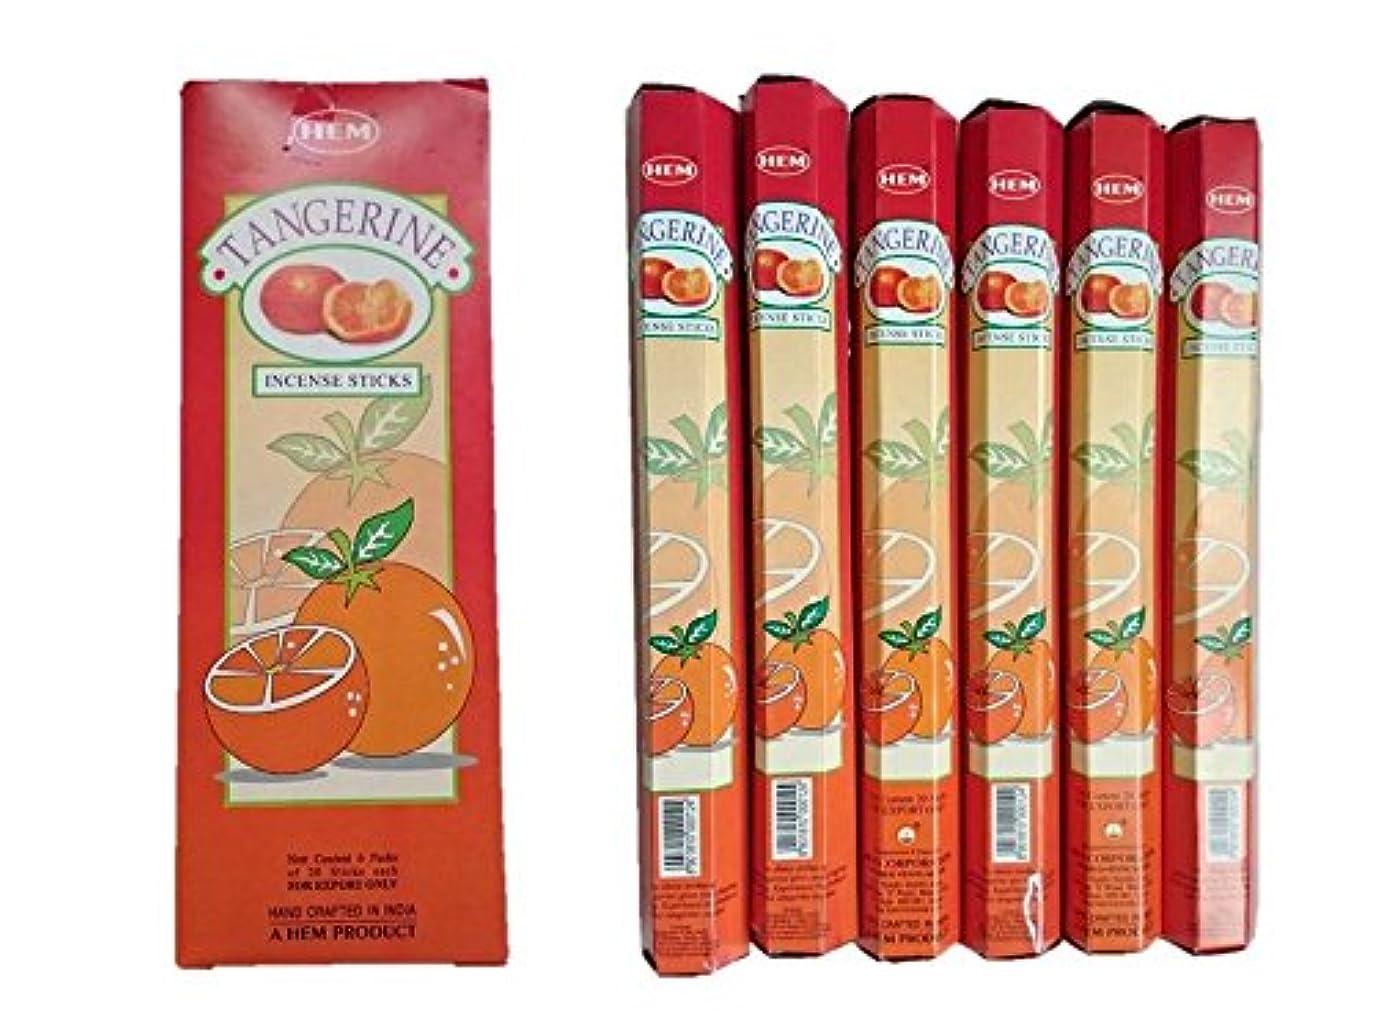 ジャニス少なくとも牛肉HEM(ヘム)/お香スティック/タンジェリン/オレンジ/1ケース(1箱20本×6箱)